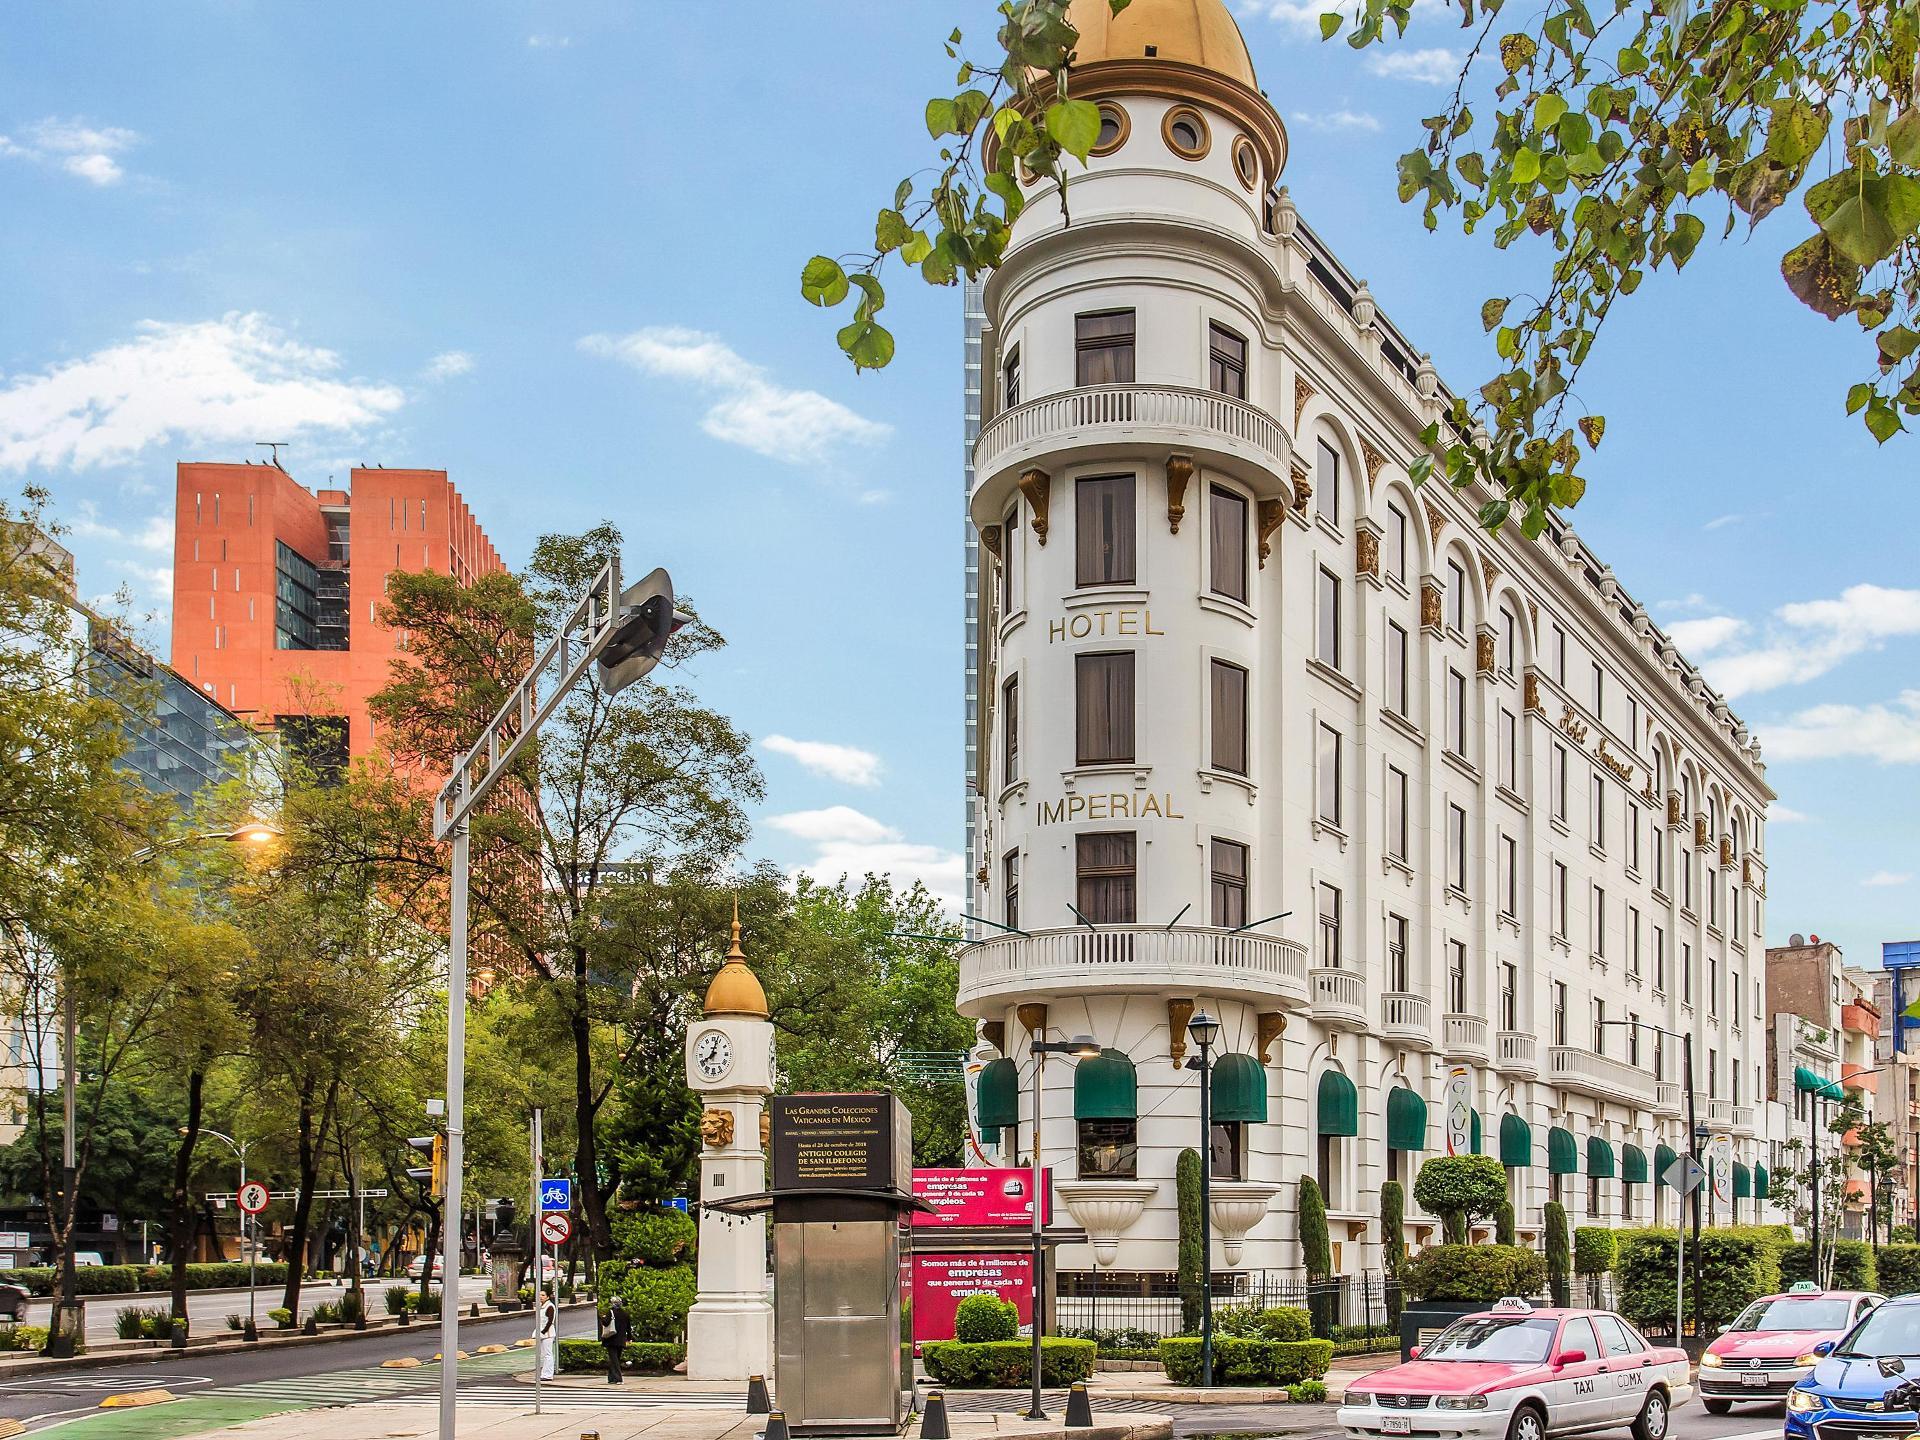 Hotel en México Hotel Imperial Reforma